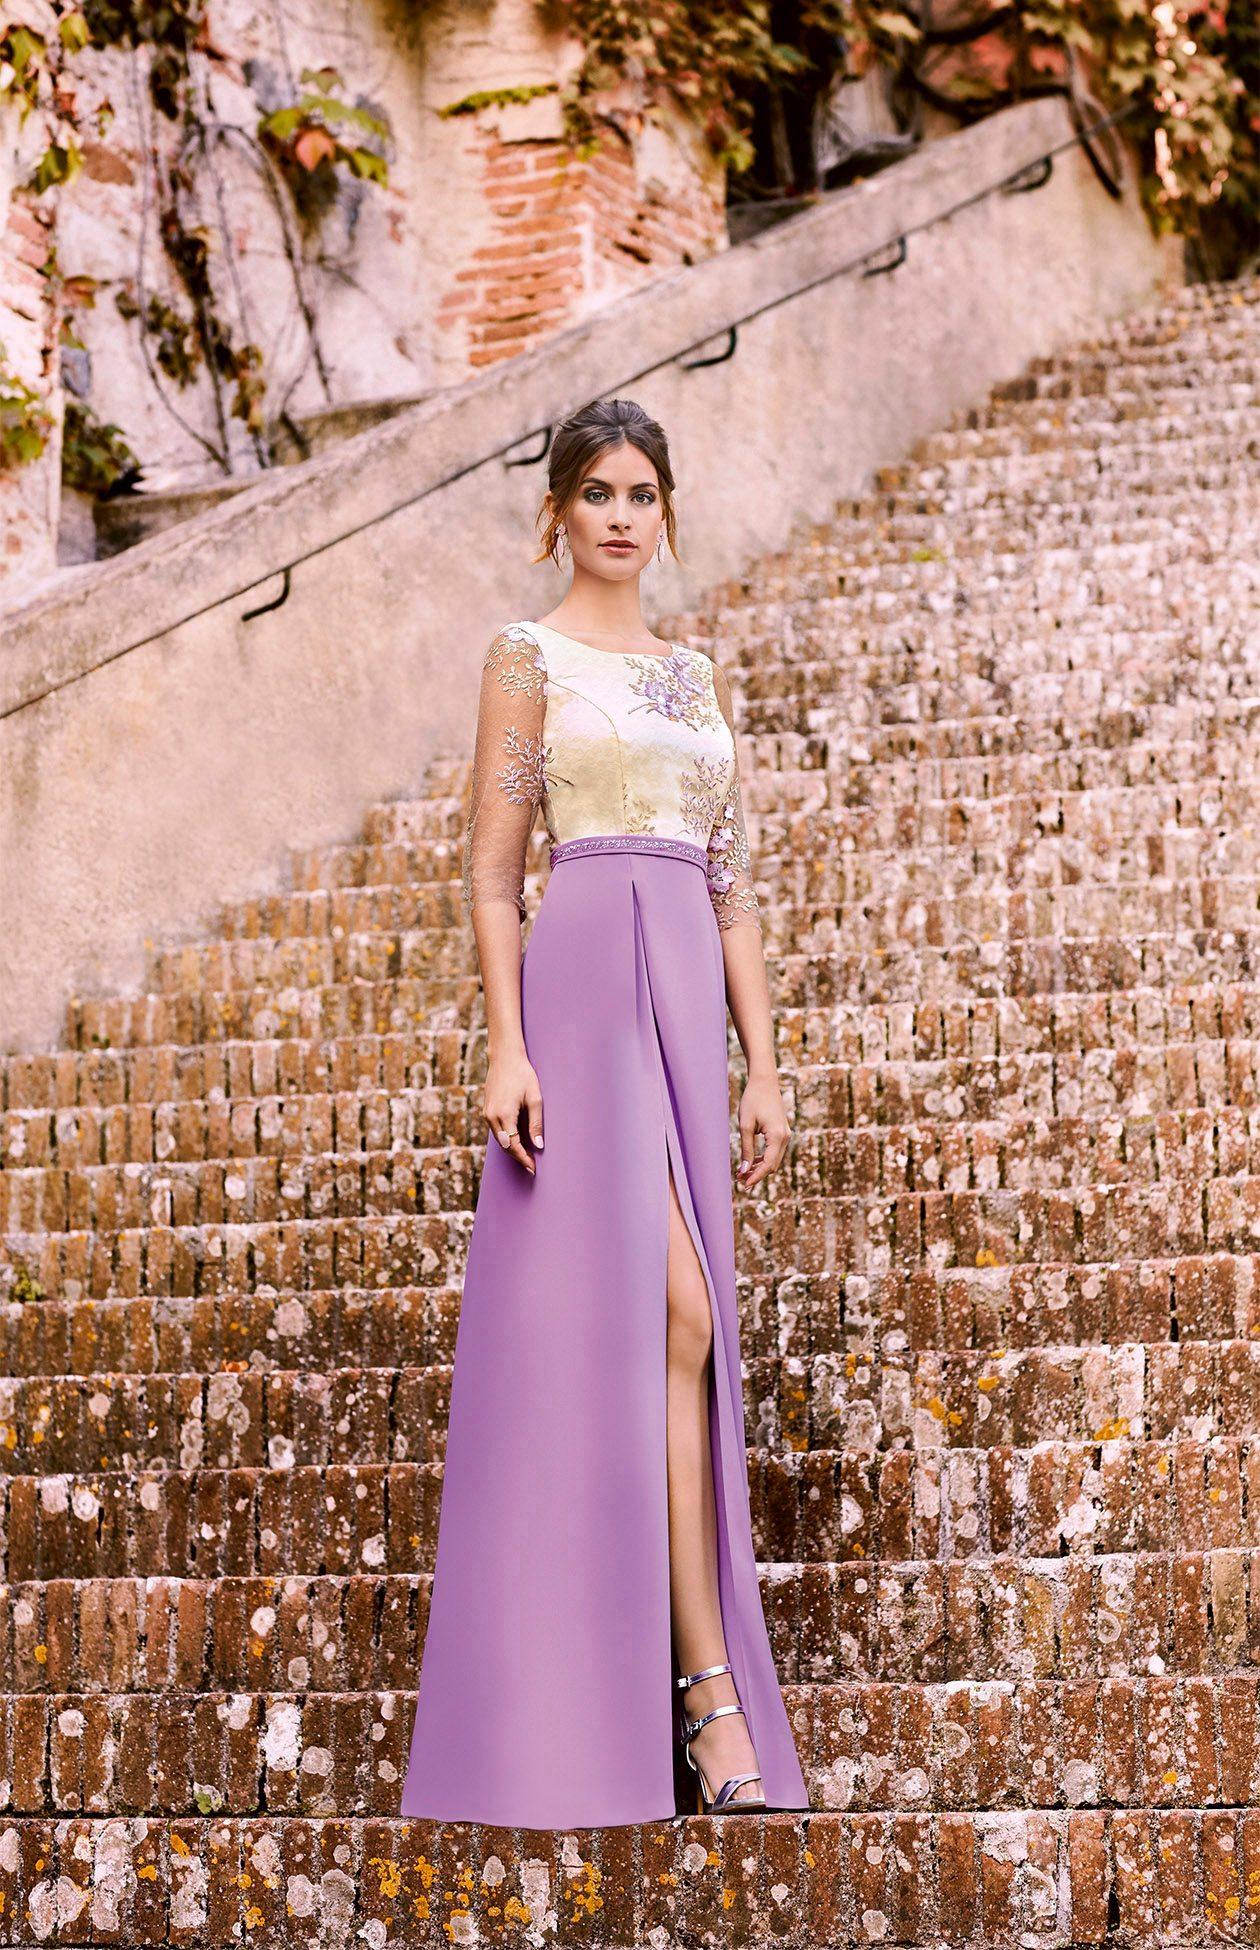 Bonito Sitios Vestido De Fiesta Fotos - Colección de Vestidos de ...